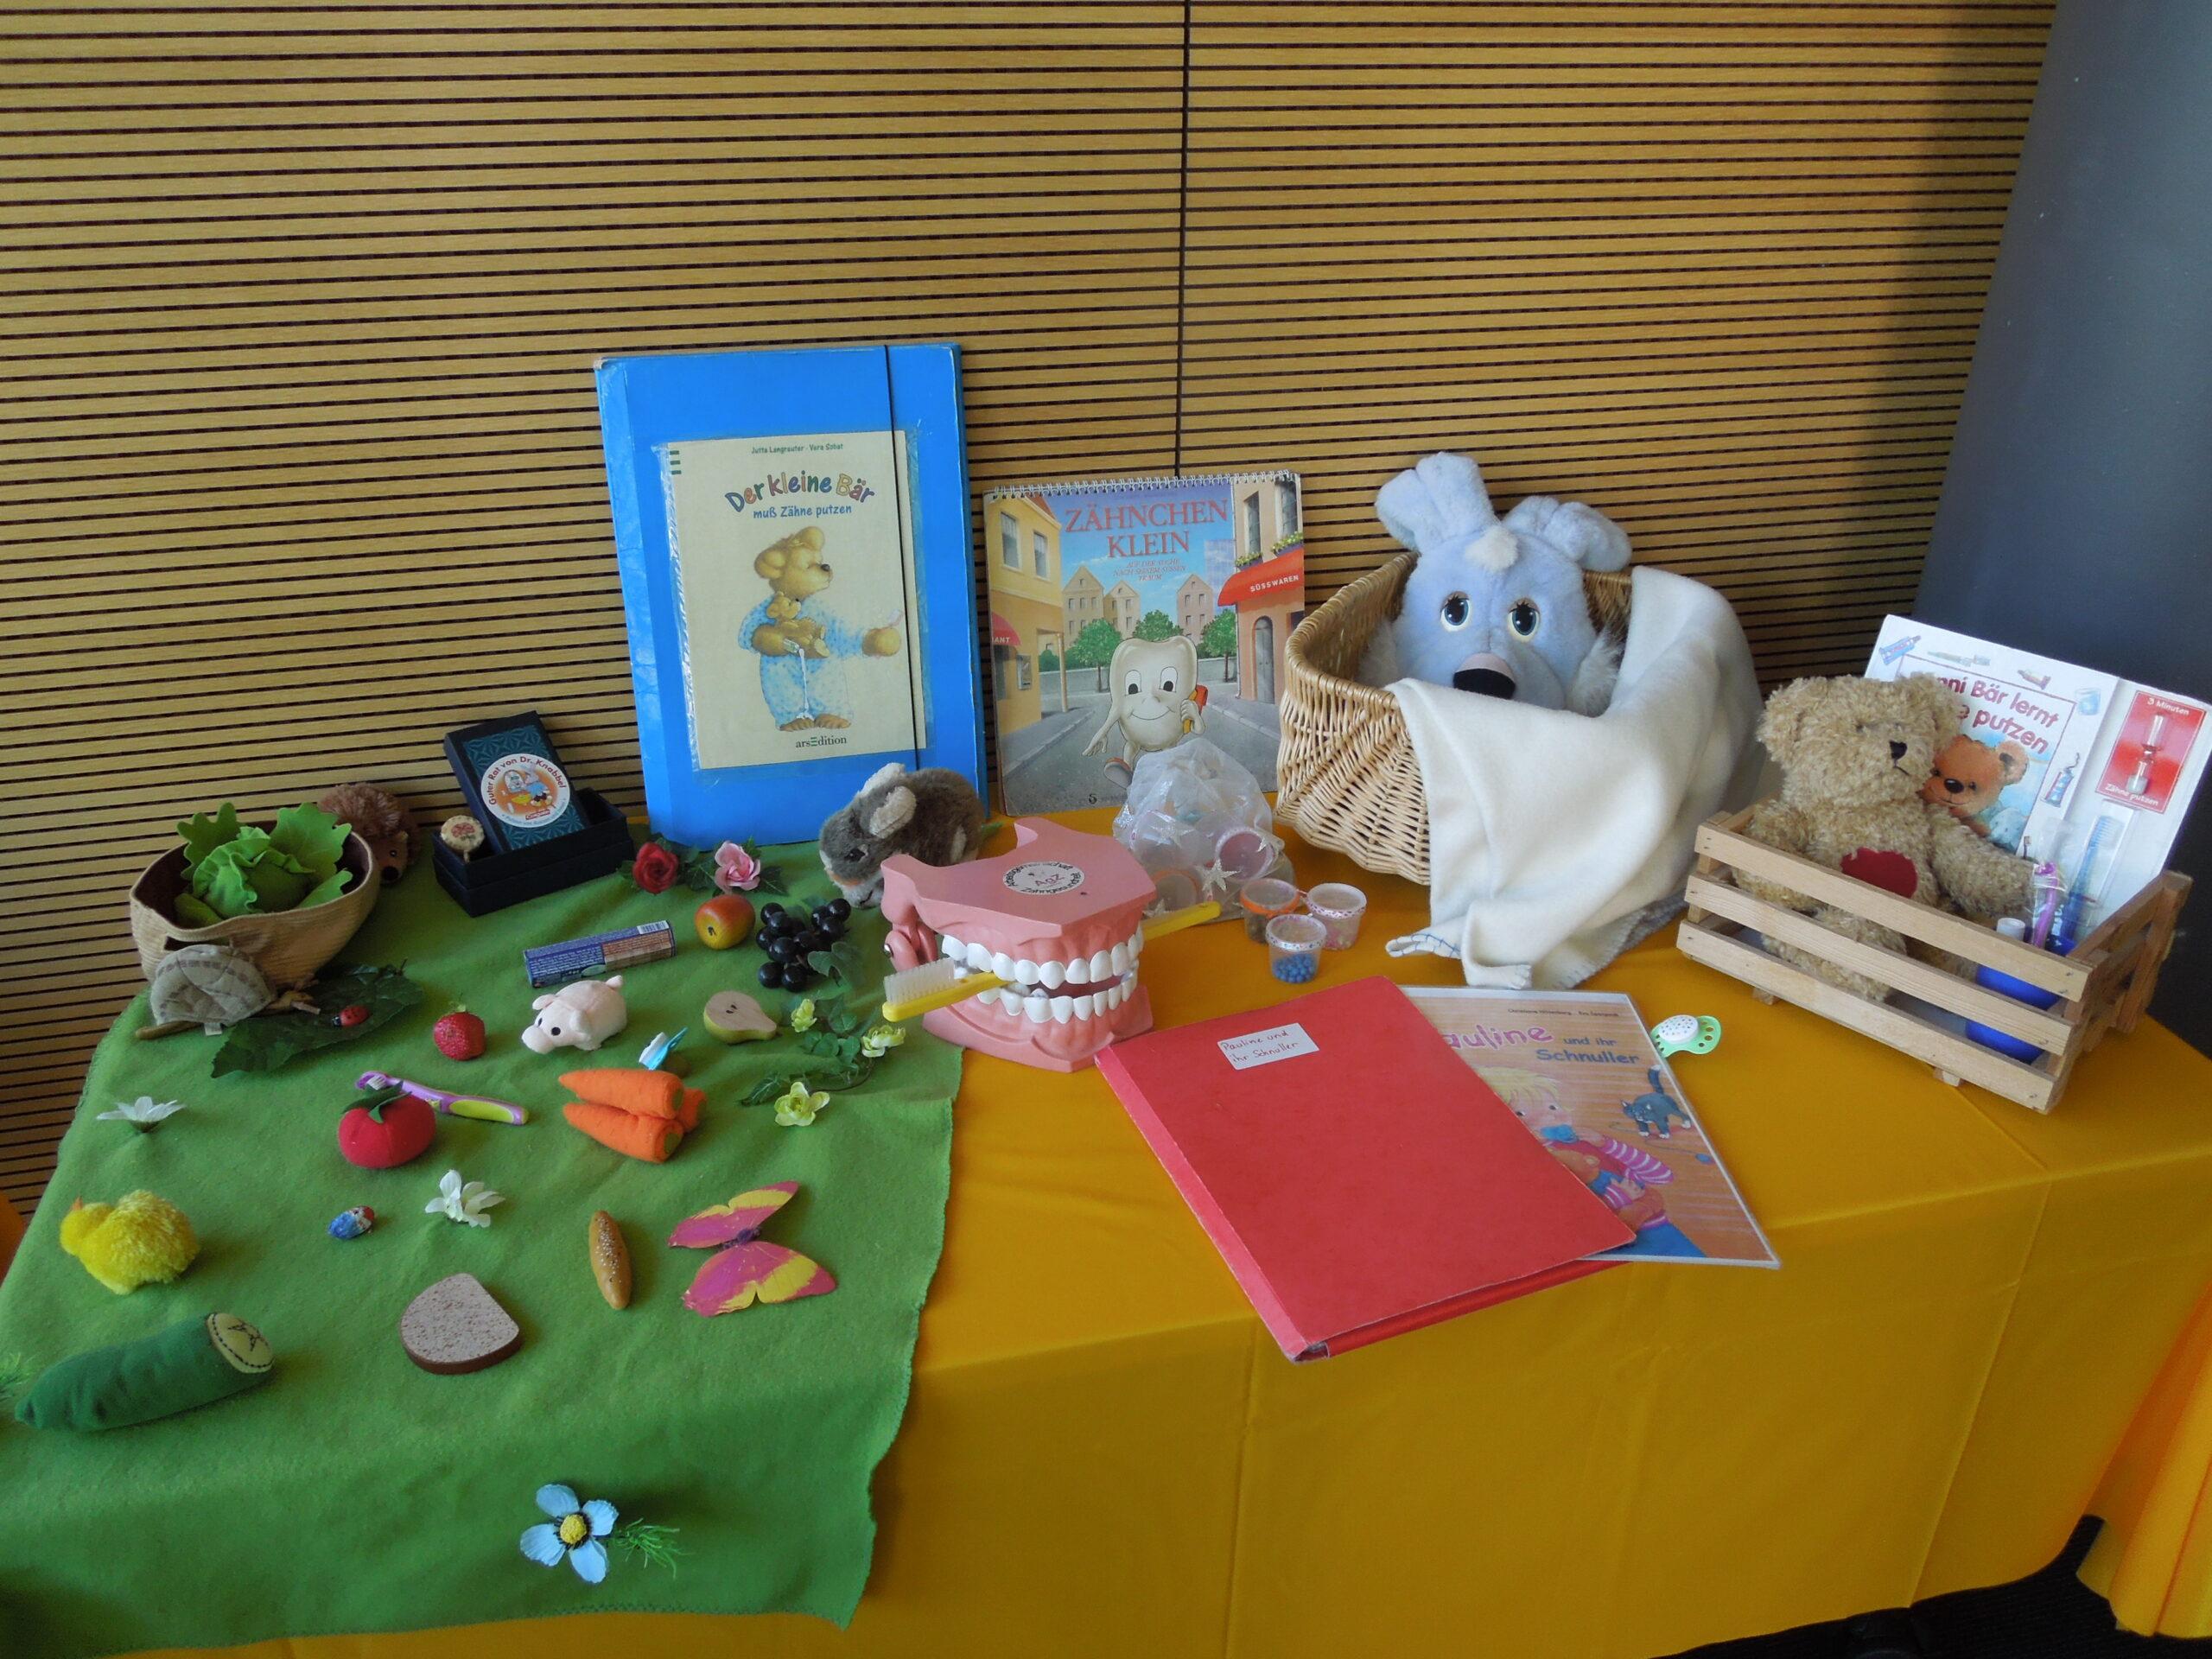 Tisch mit verschiedenen Arbeitsmaterialien, grüner Teppich mit Spielobst , Bücher, Großes Gebiss und Kuscheltiere